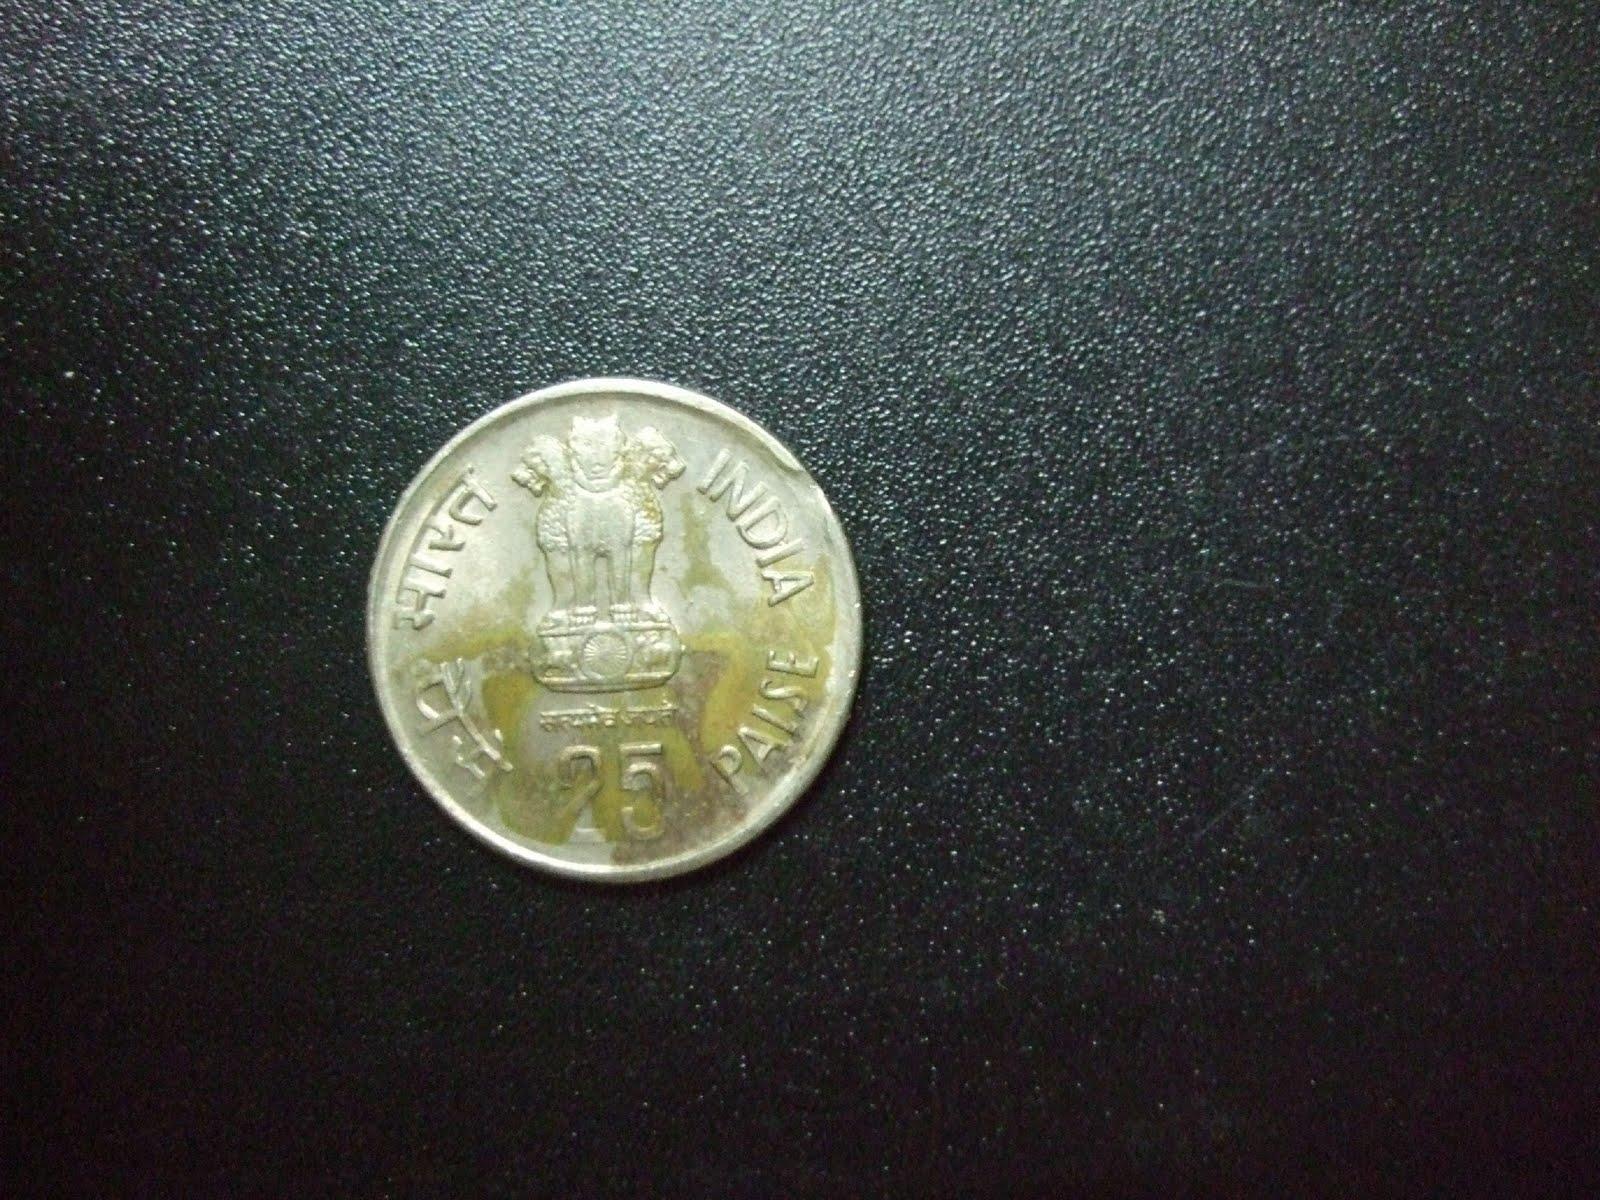 25 paise rhino coin value 1988